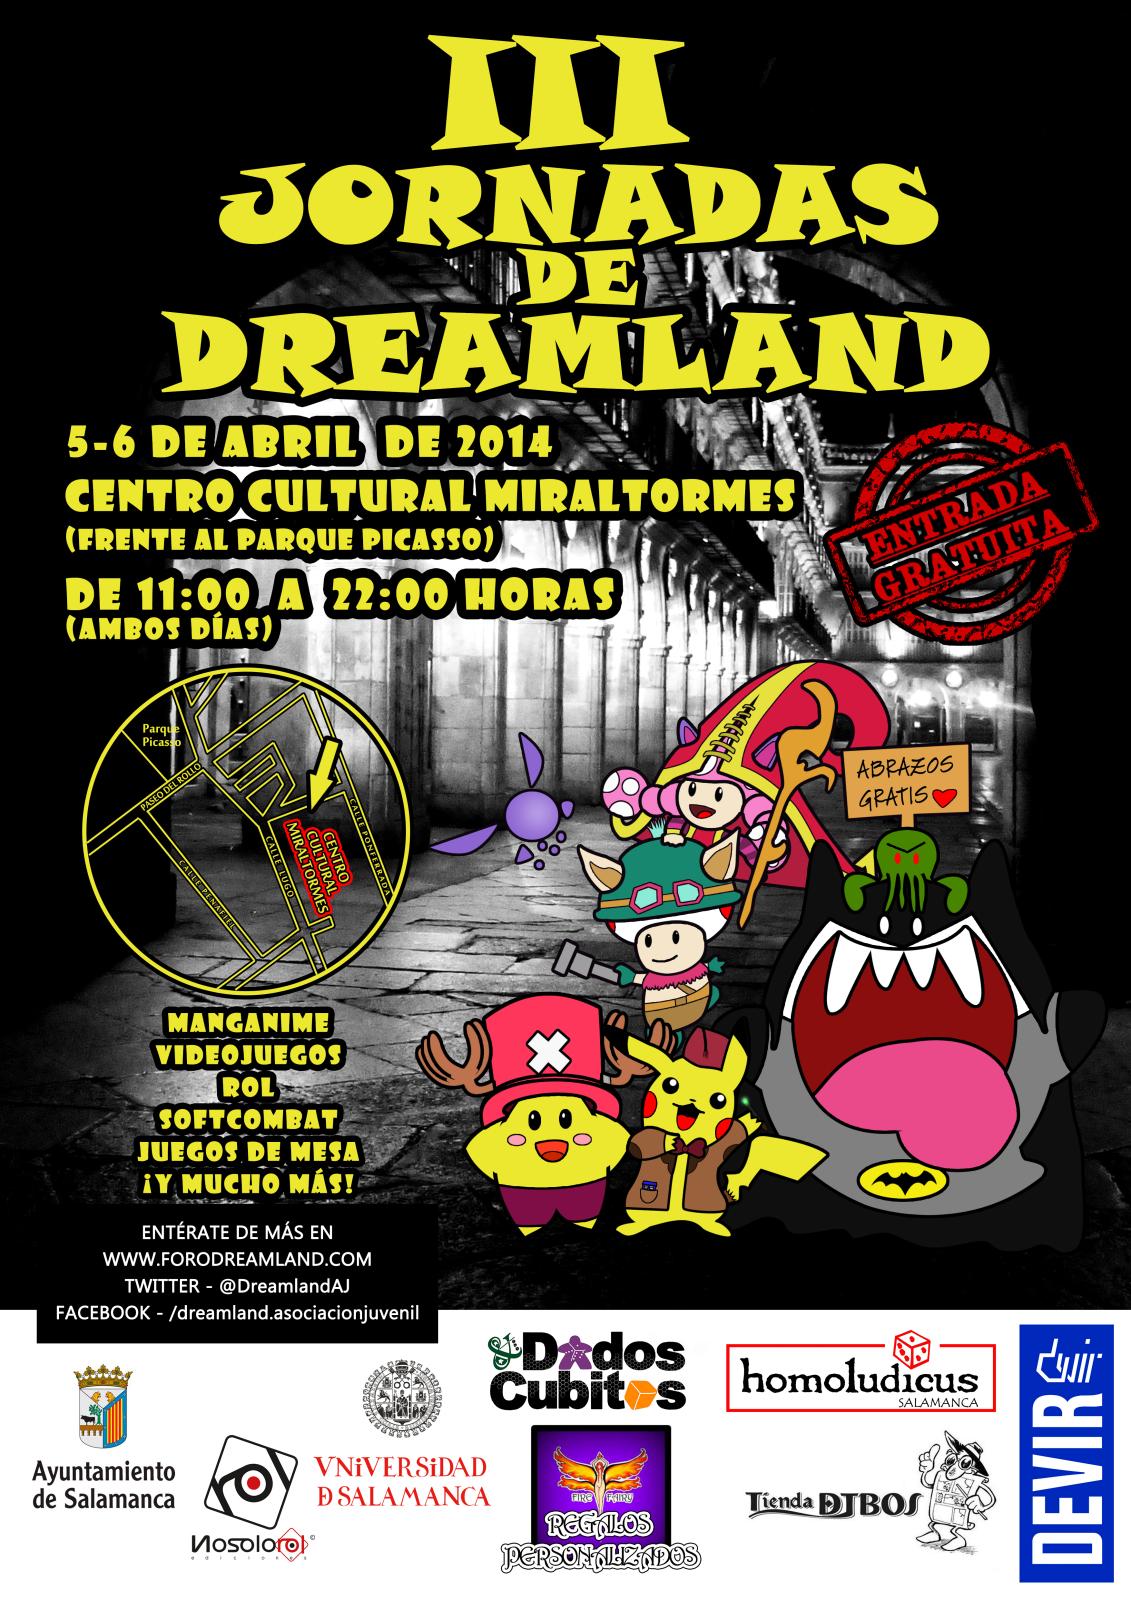 III Jornadas de Dreamland